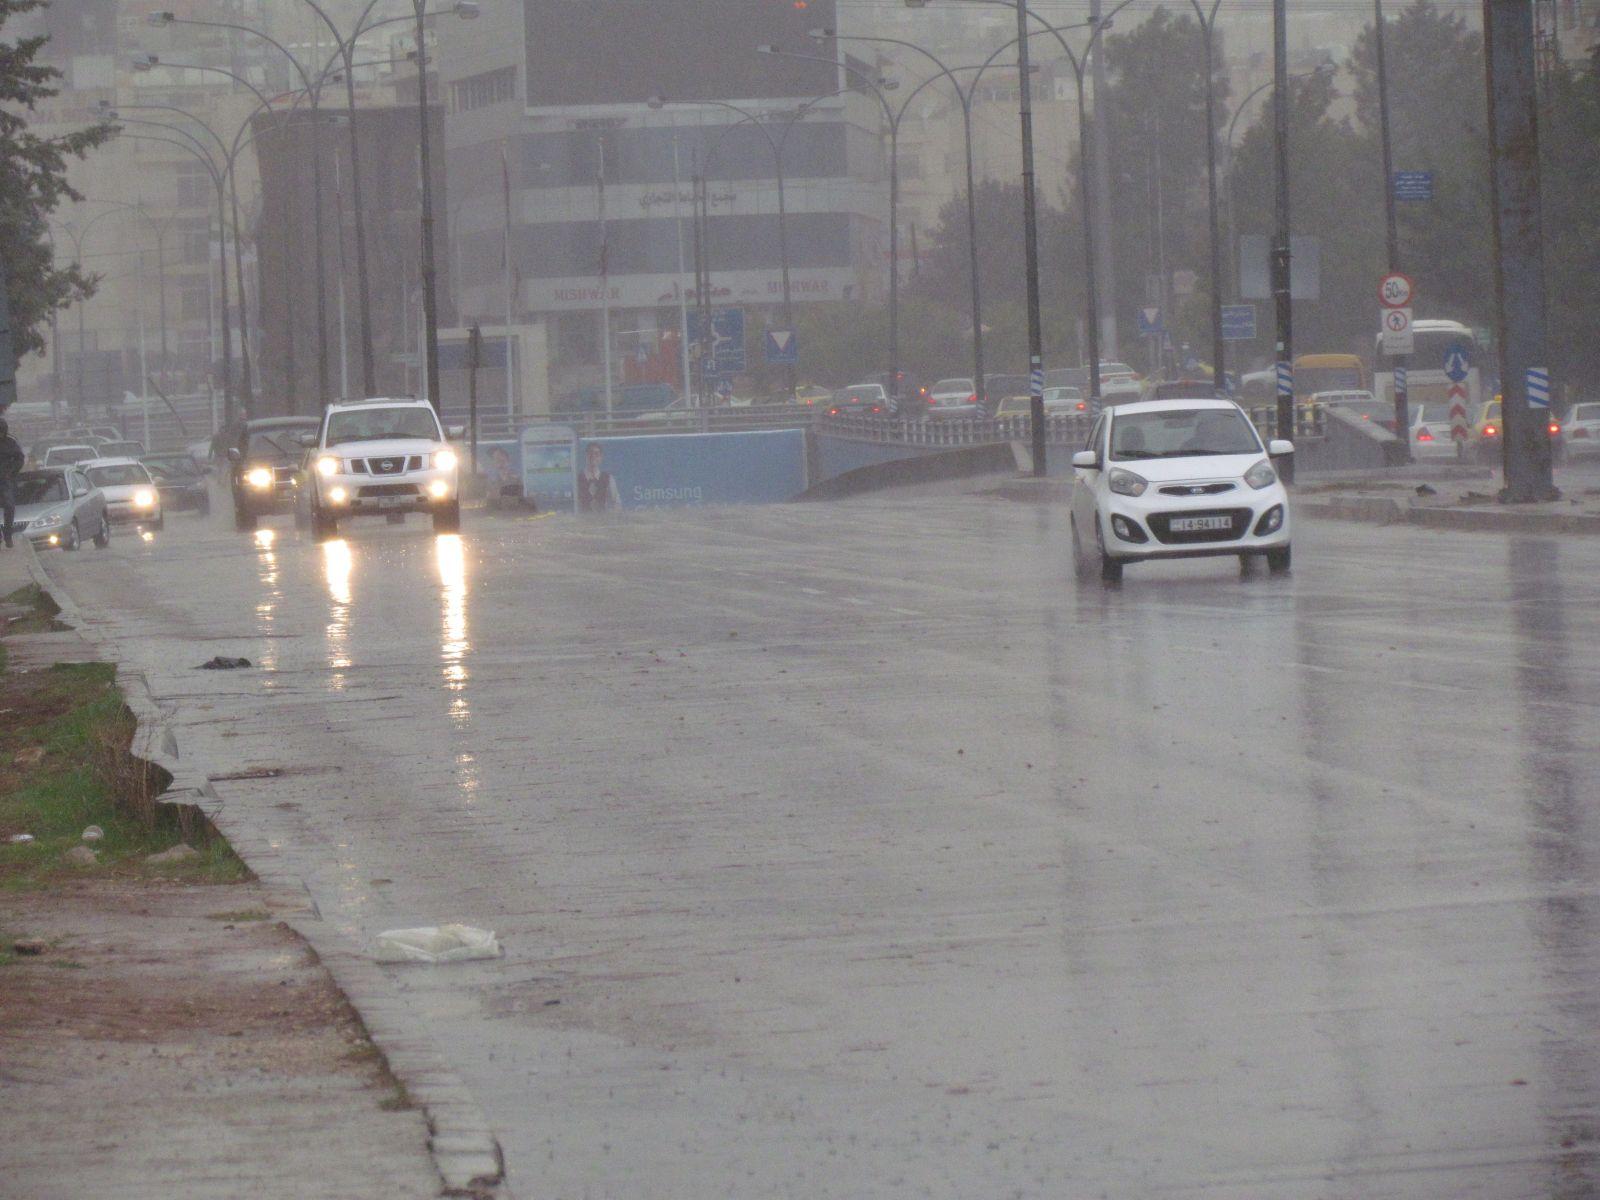 انخفاض ملموس على الحرارة وتوقعات بهطول الأمطار اليوم